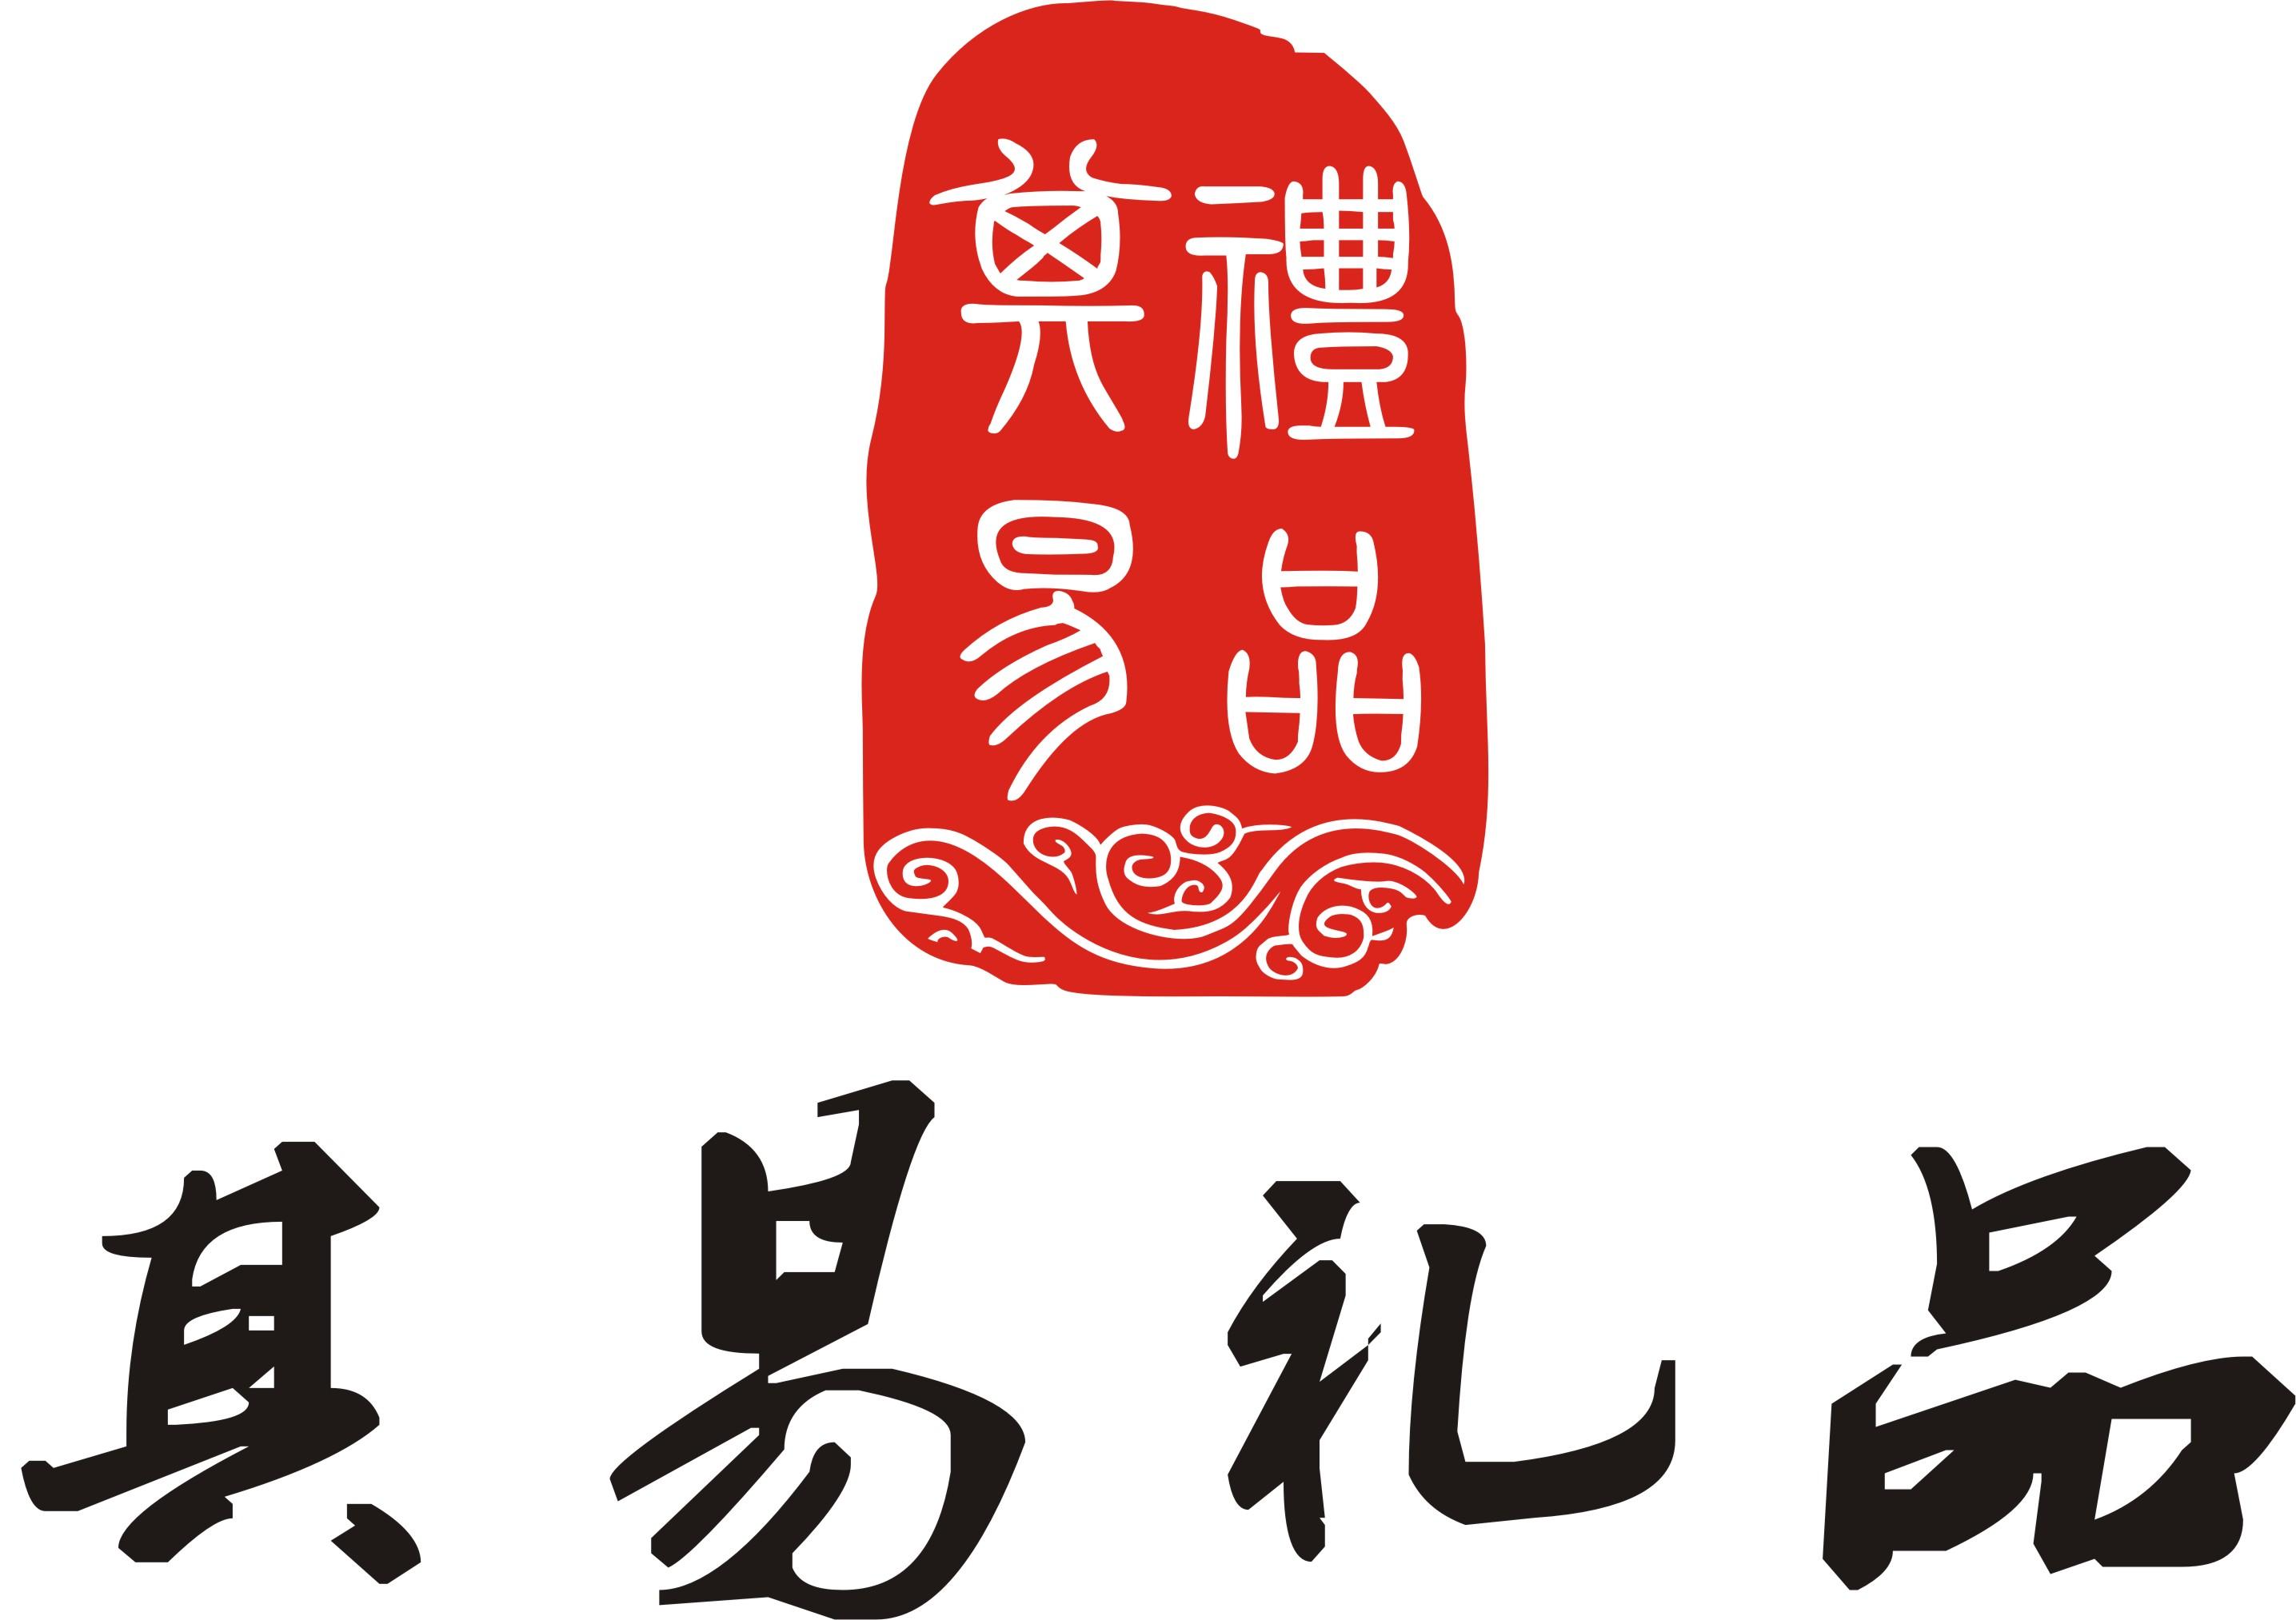 纸杯logo边框